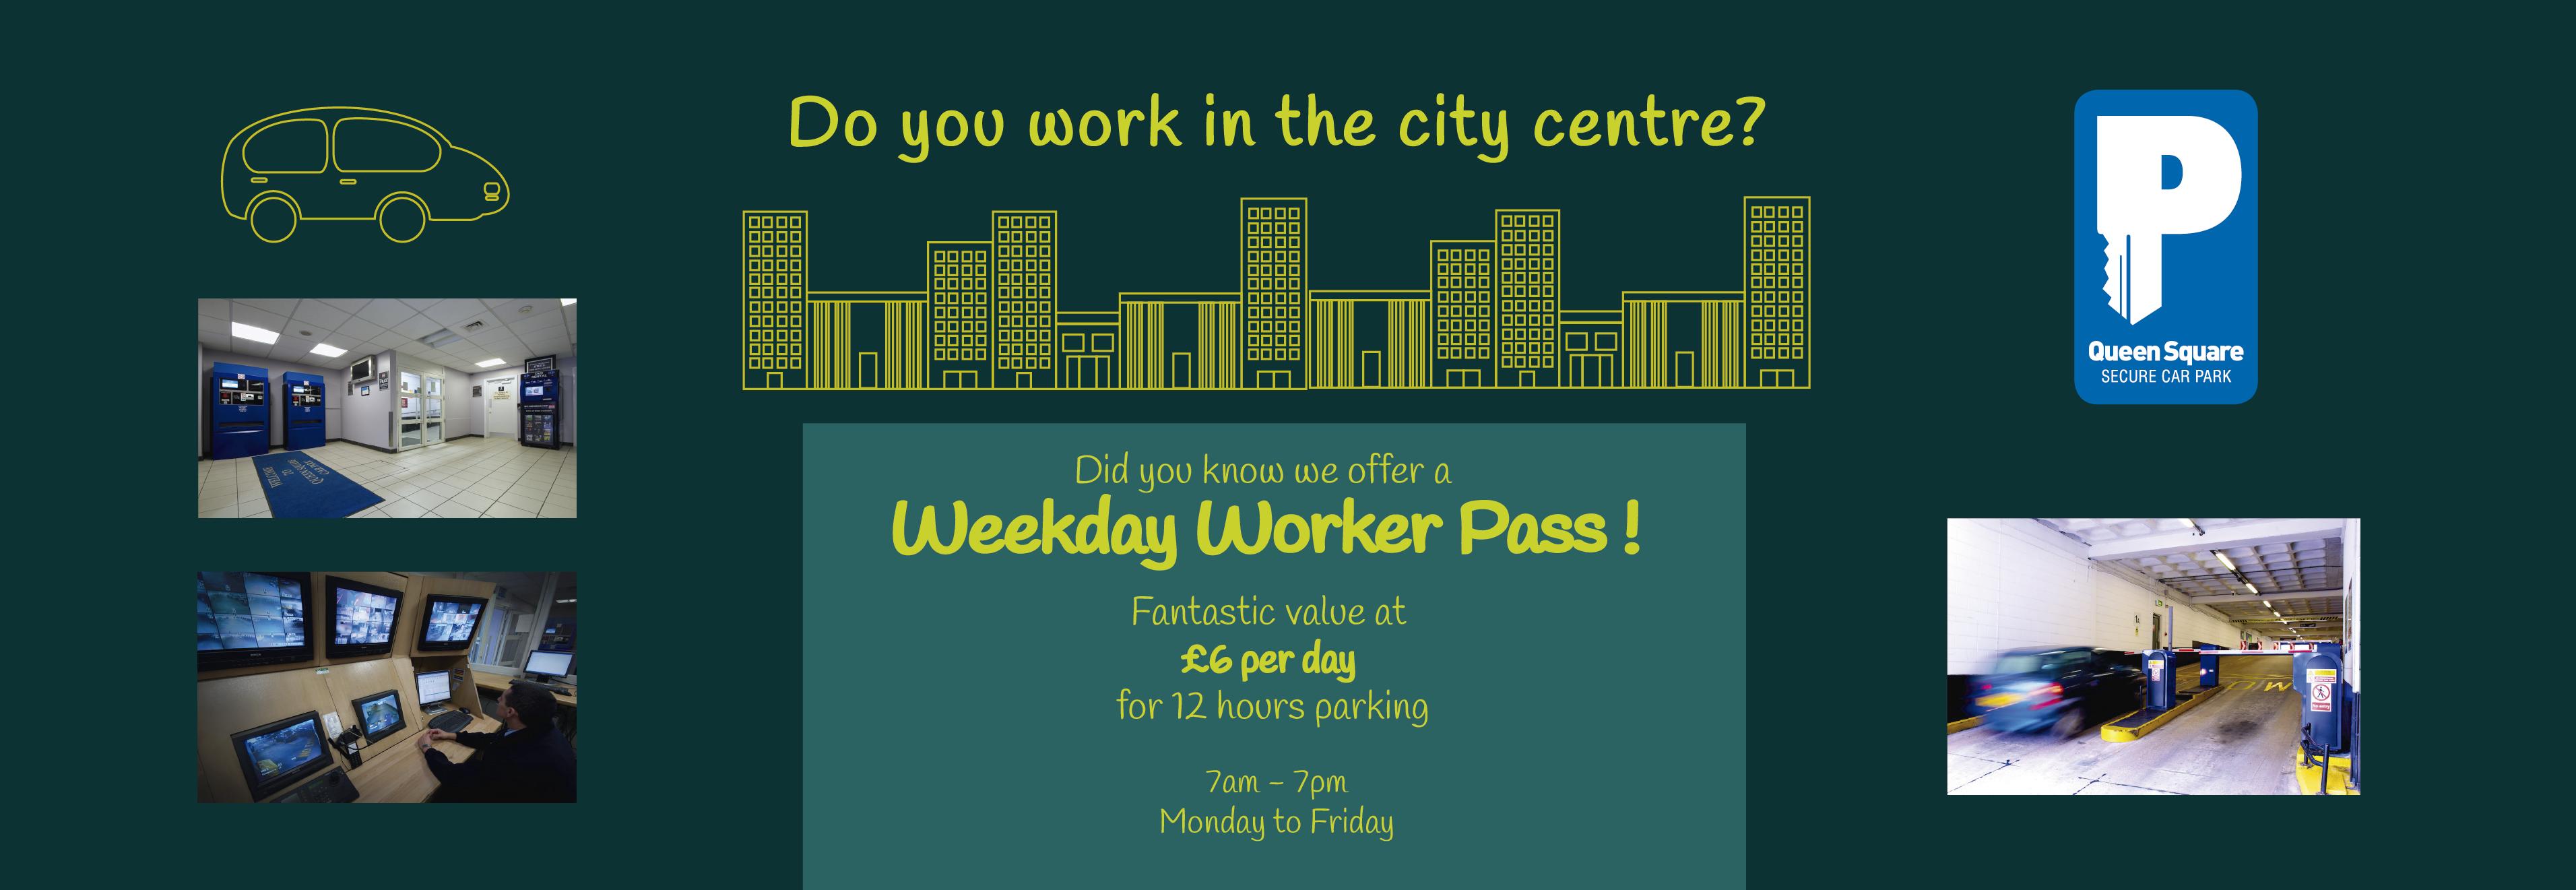 QS-website-960-x-300-Workday-pass1